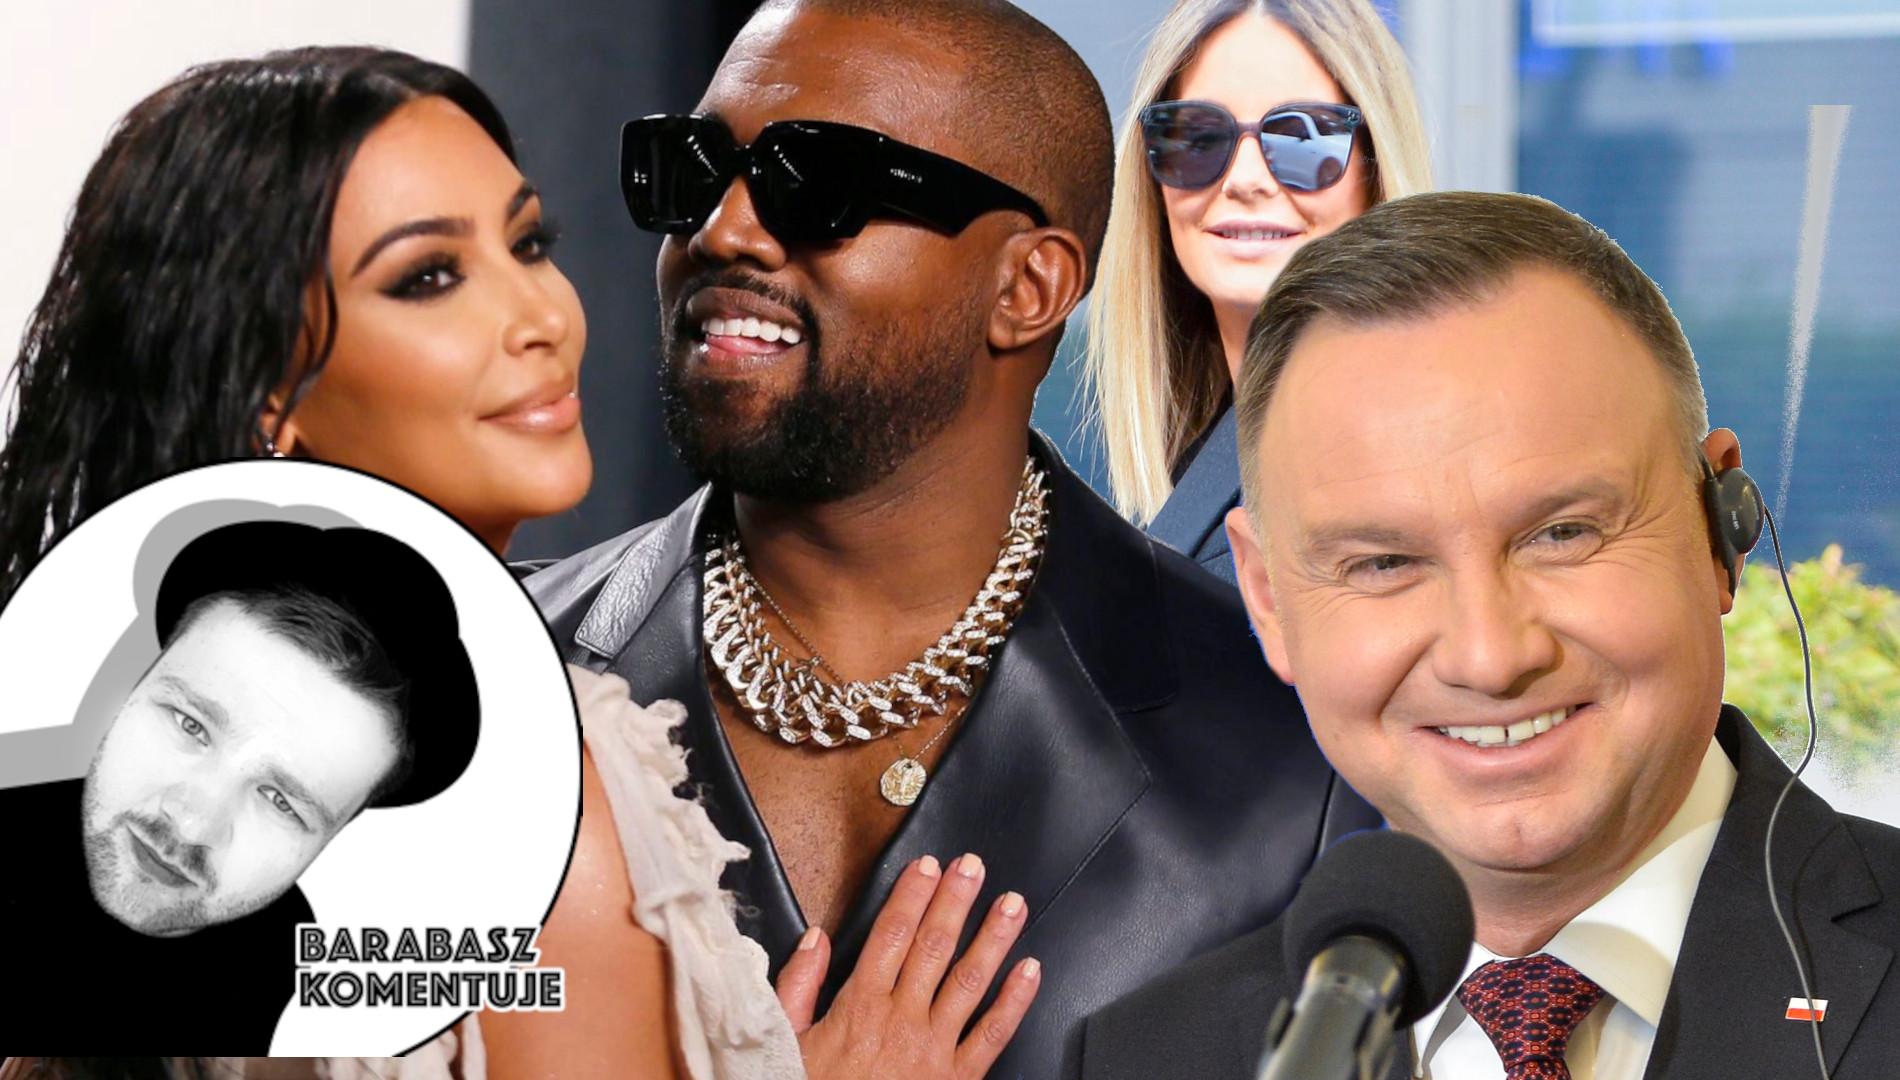 BARABASZ KOMENTUJE: Dlaczego Kanye West powinien być prezydentem Polski?  (FELIETON)